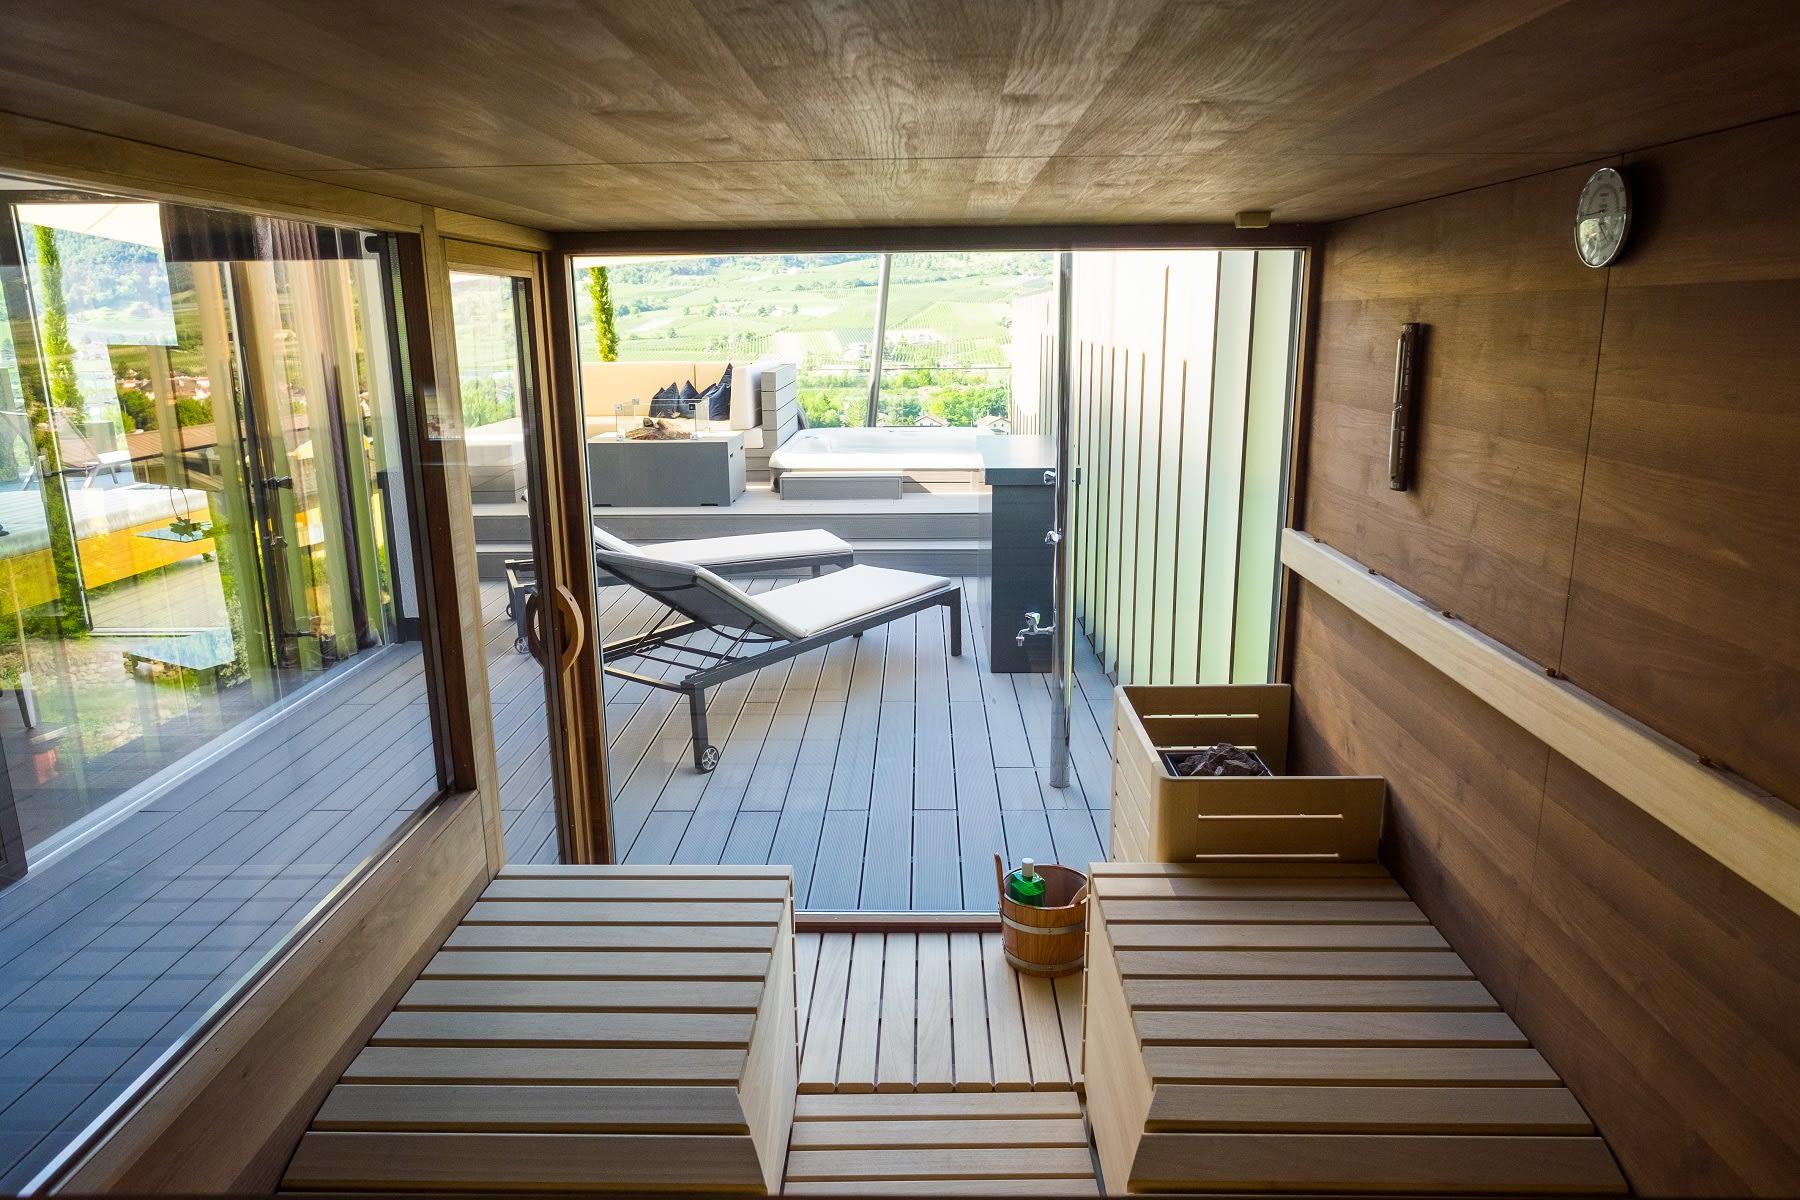 Penthouse Suite DolceVita Premium Finnish exterior sauna